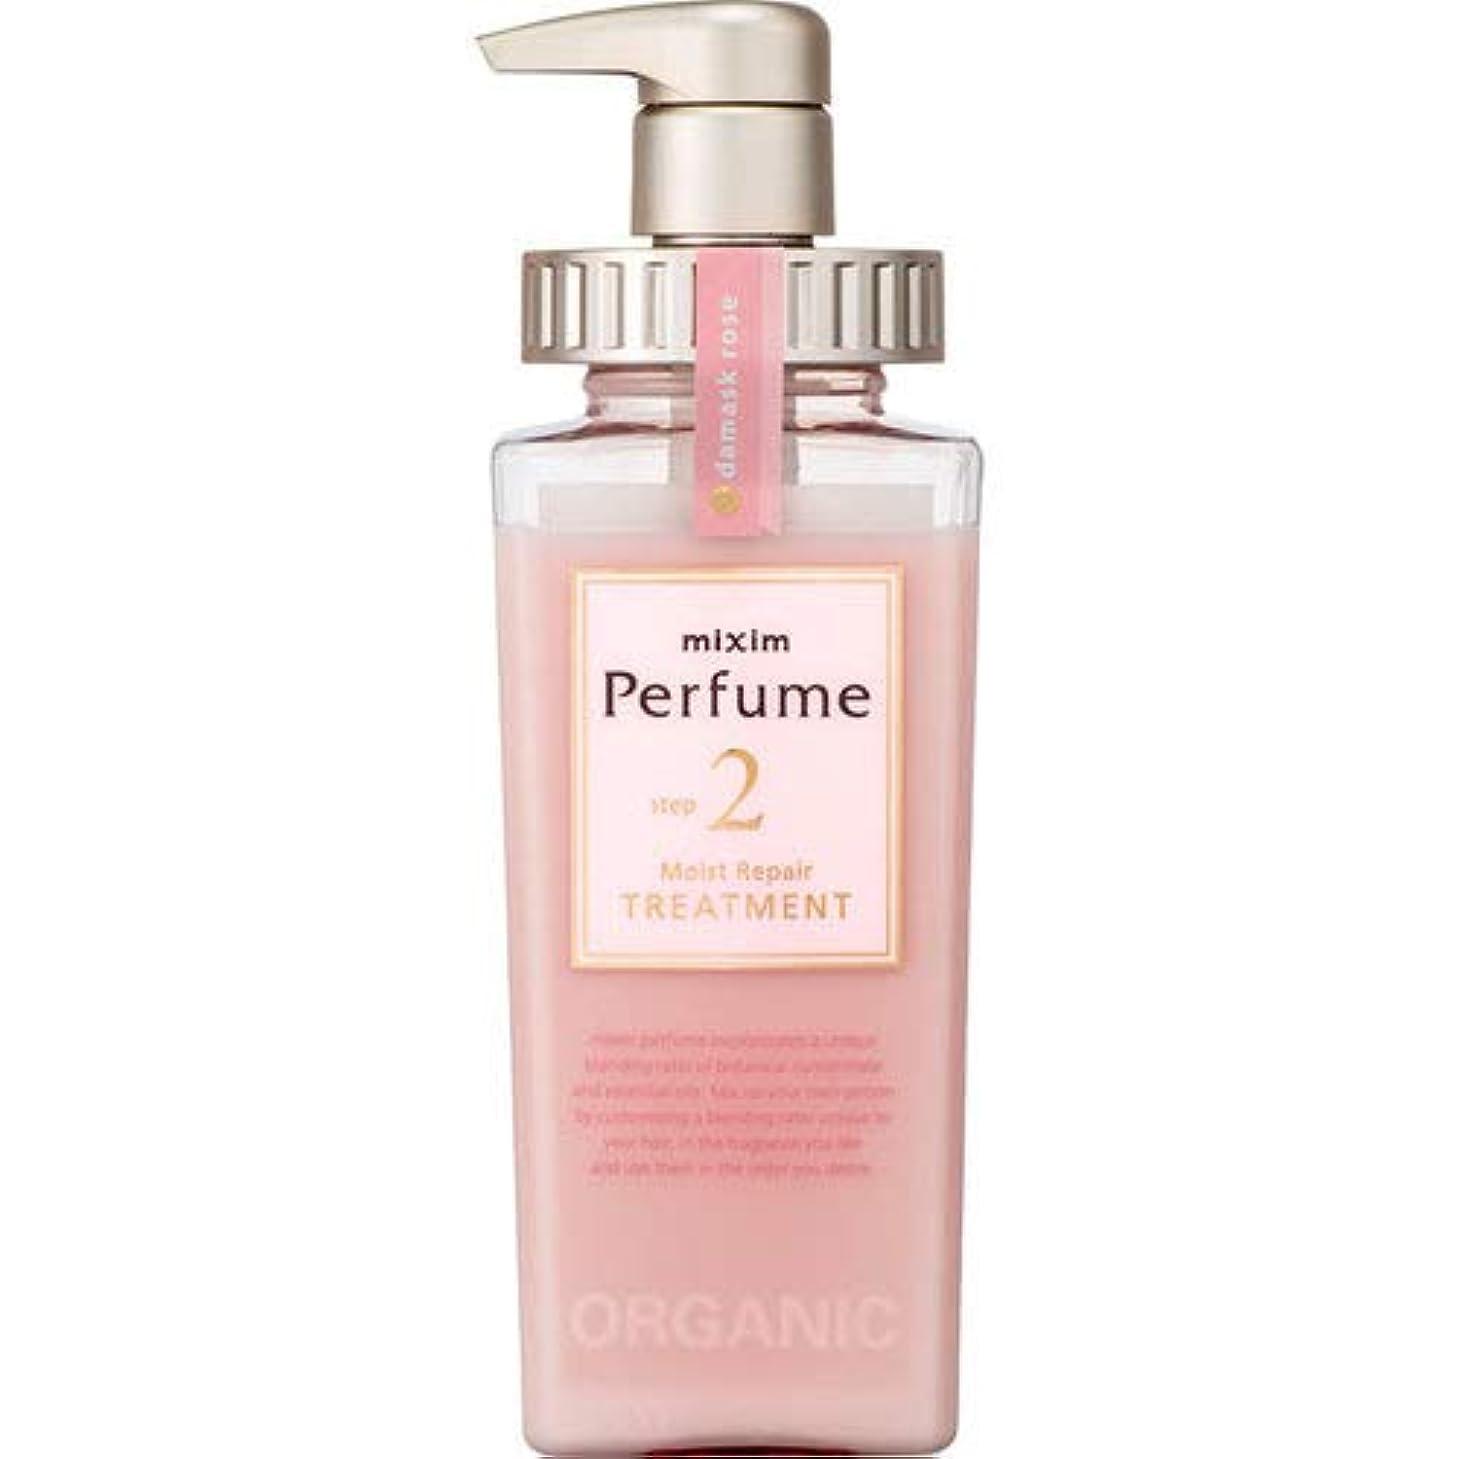 戦艦義務的財政mixim Perfume(ミクシムパフューム) モイストリペア ヘアトリートメント 440g